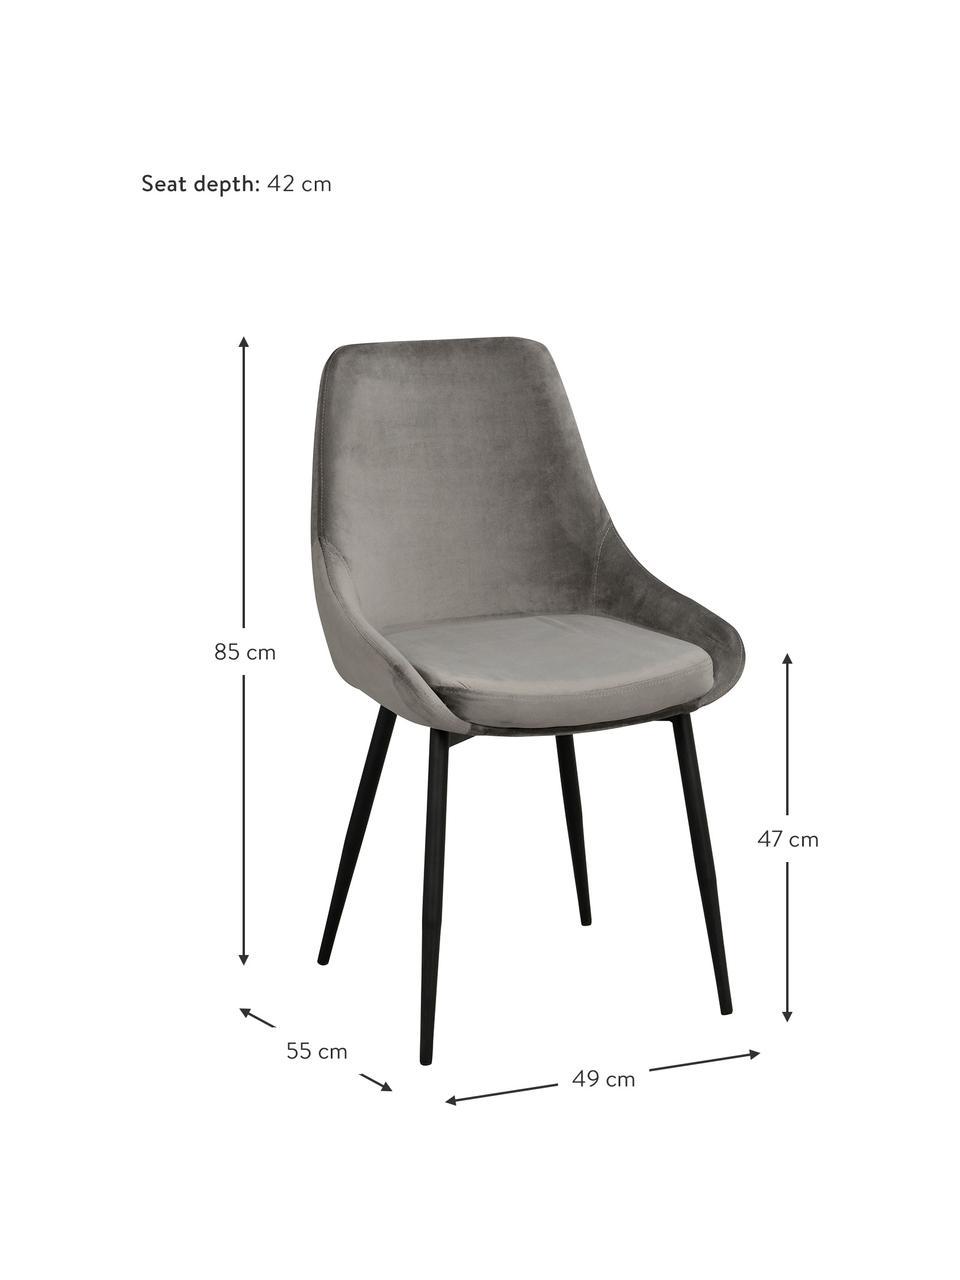 Samt-Polsterstühle Sierra, 2 Stück, Bezug: Polyestersamt Der strapaz, Beine: Metall, lackiert, Samt Grau, B 49 x T 55 cm